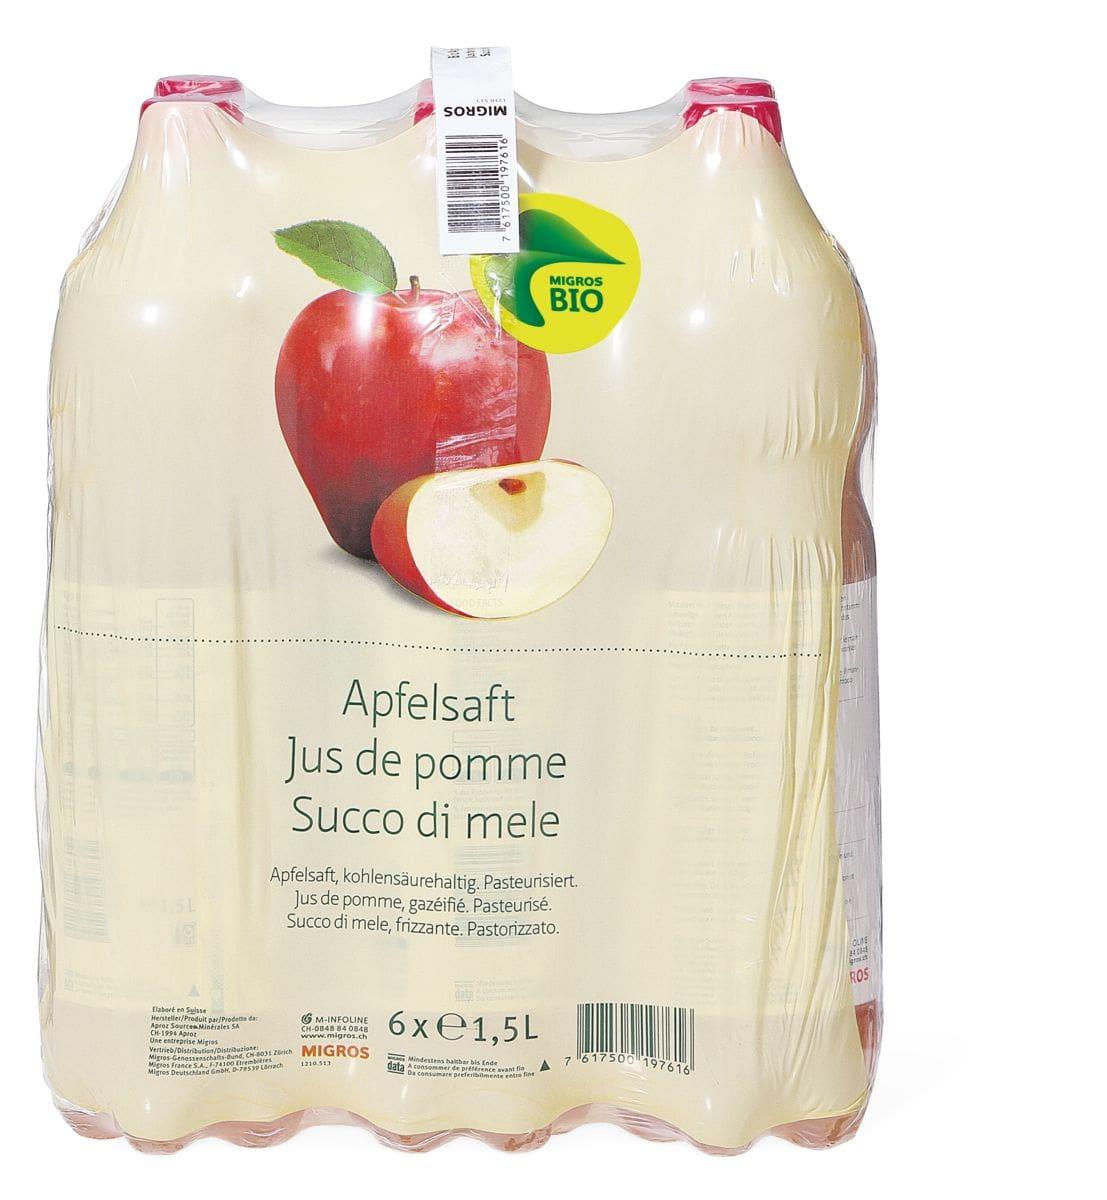 Bio Jus de pomme